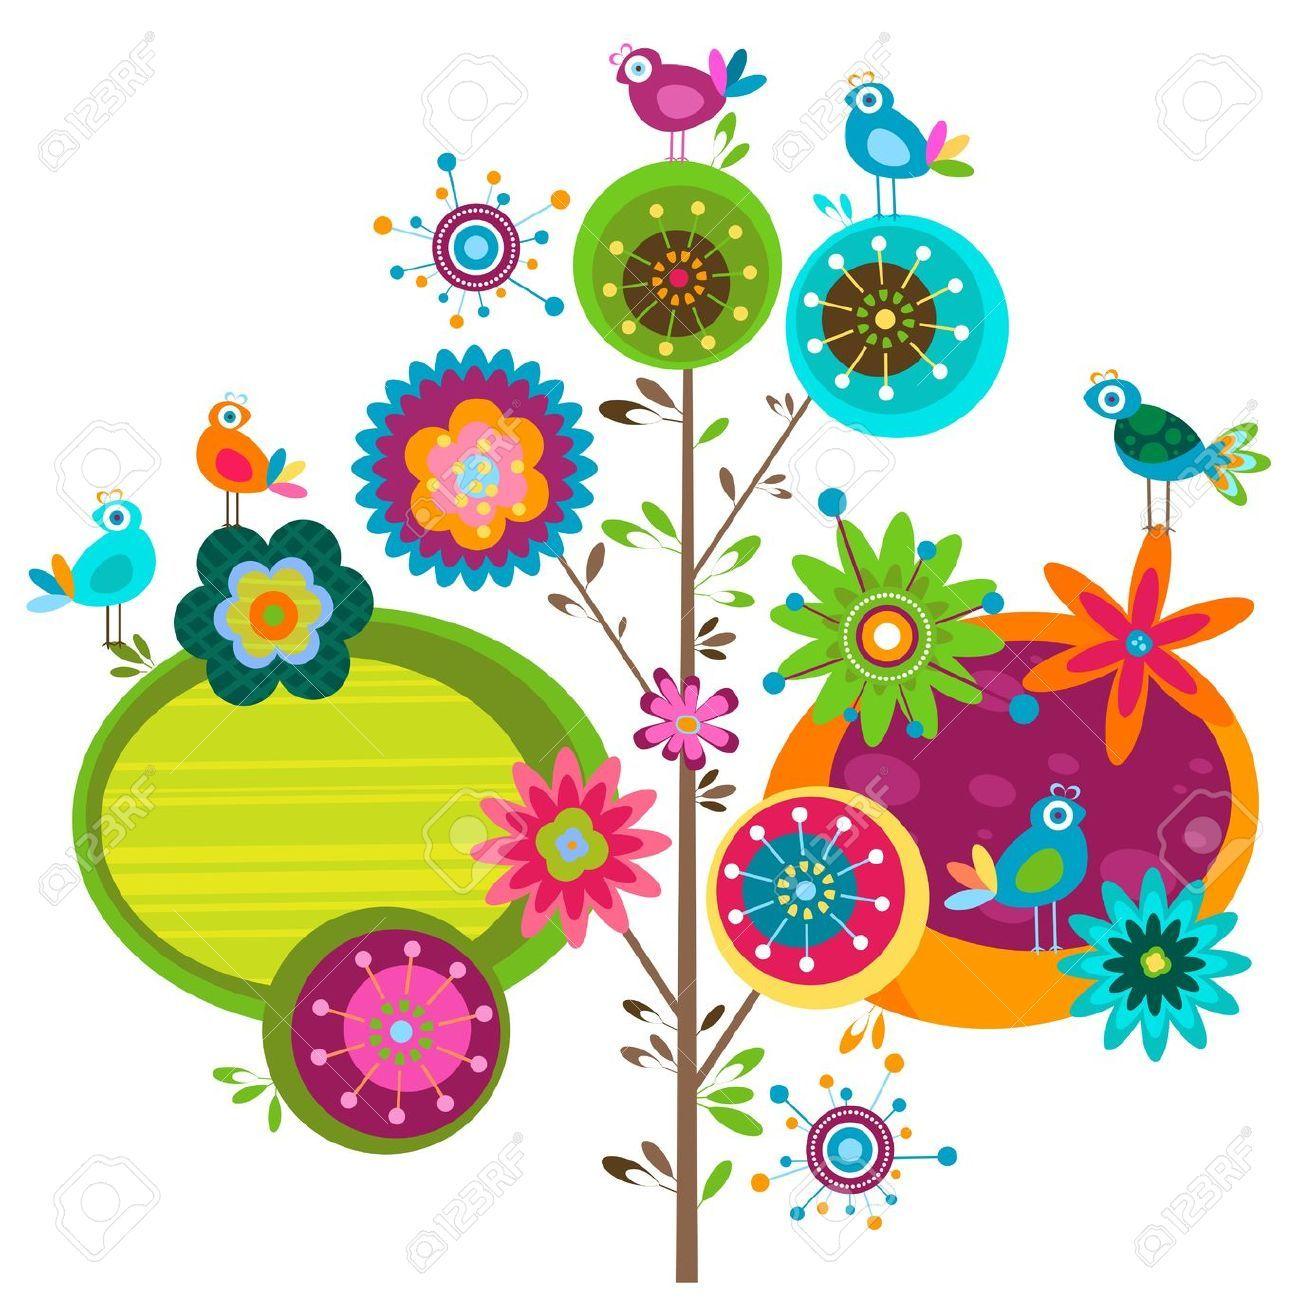 Pajaritos animados de colores en un arbol buscar con for Arbol para jardin